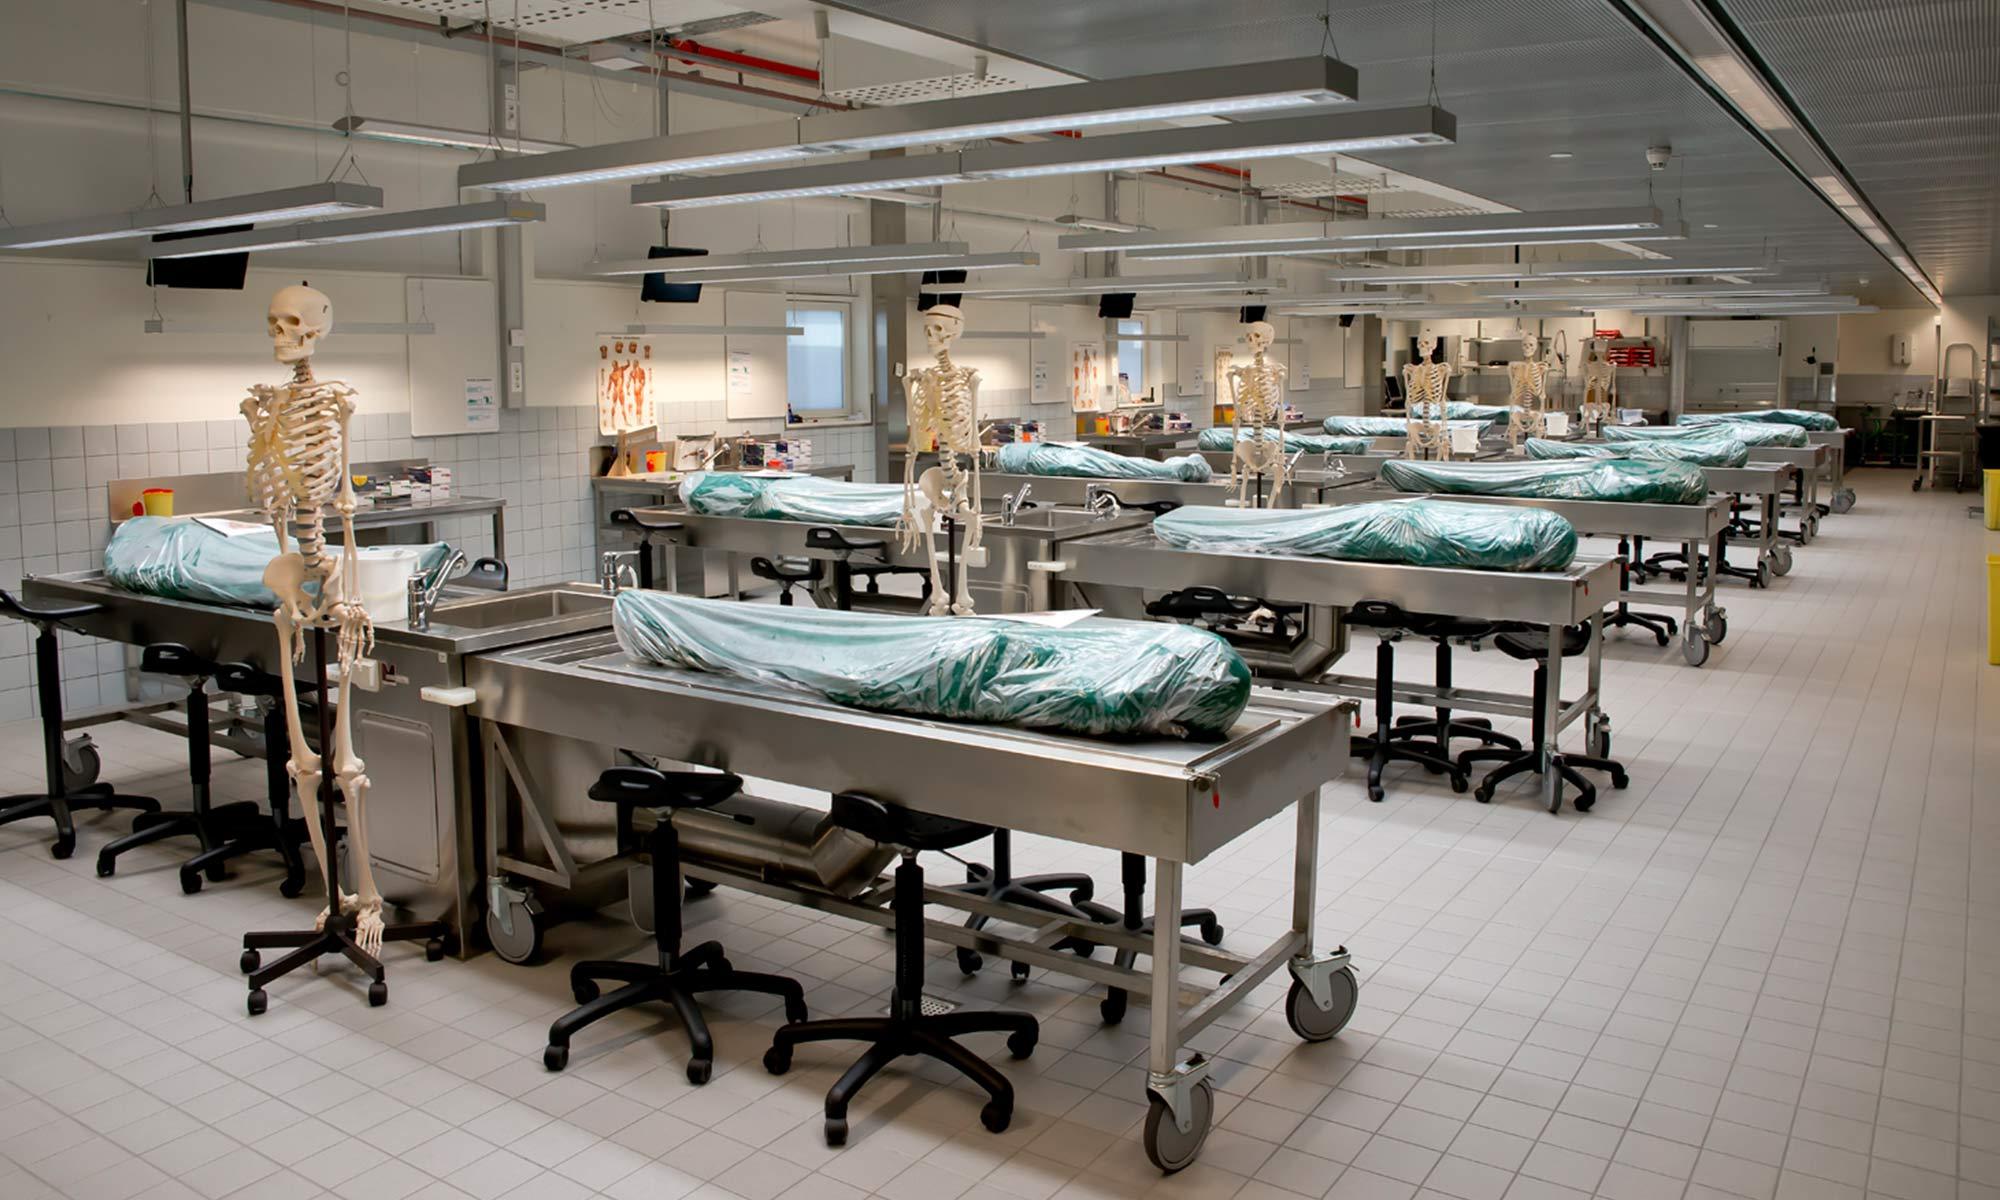 Präpariersaal Anatomie der Universität Trondheim, Norwegen